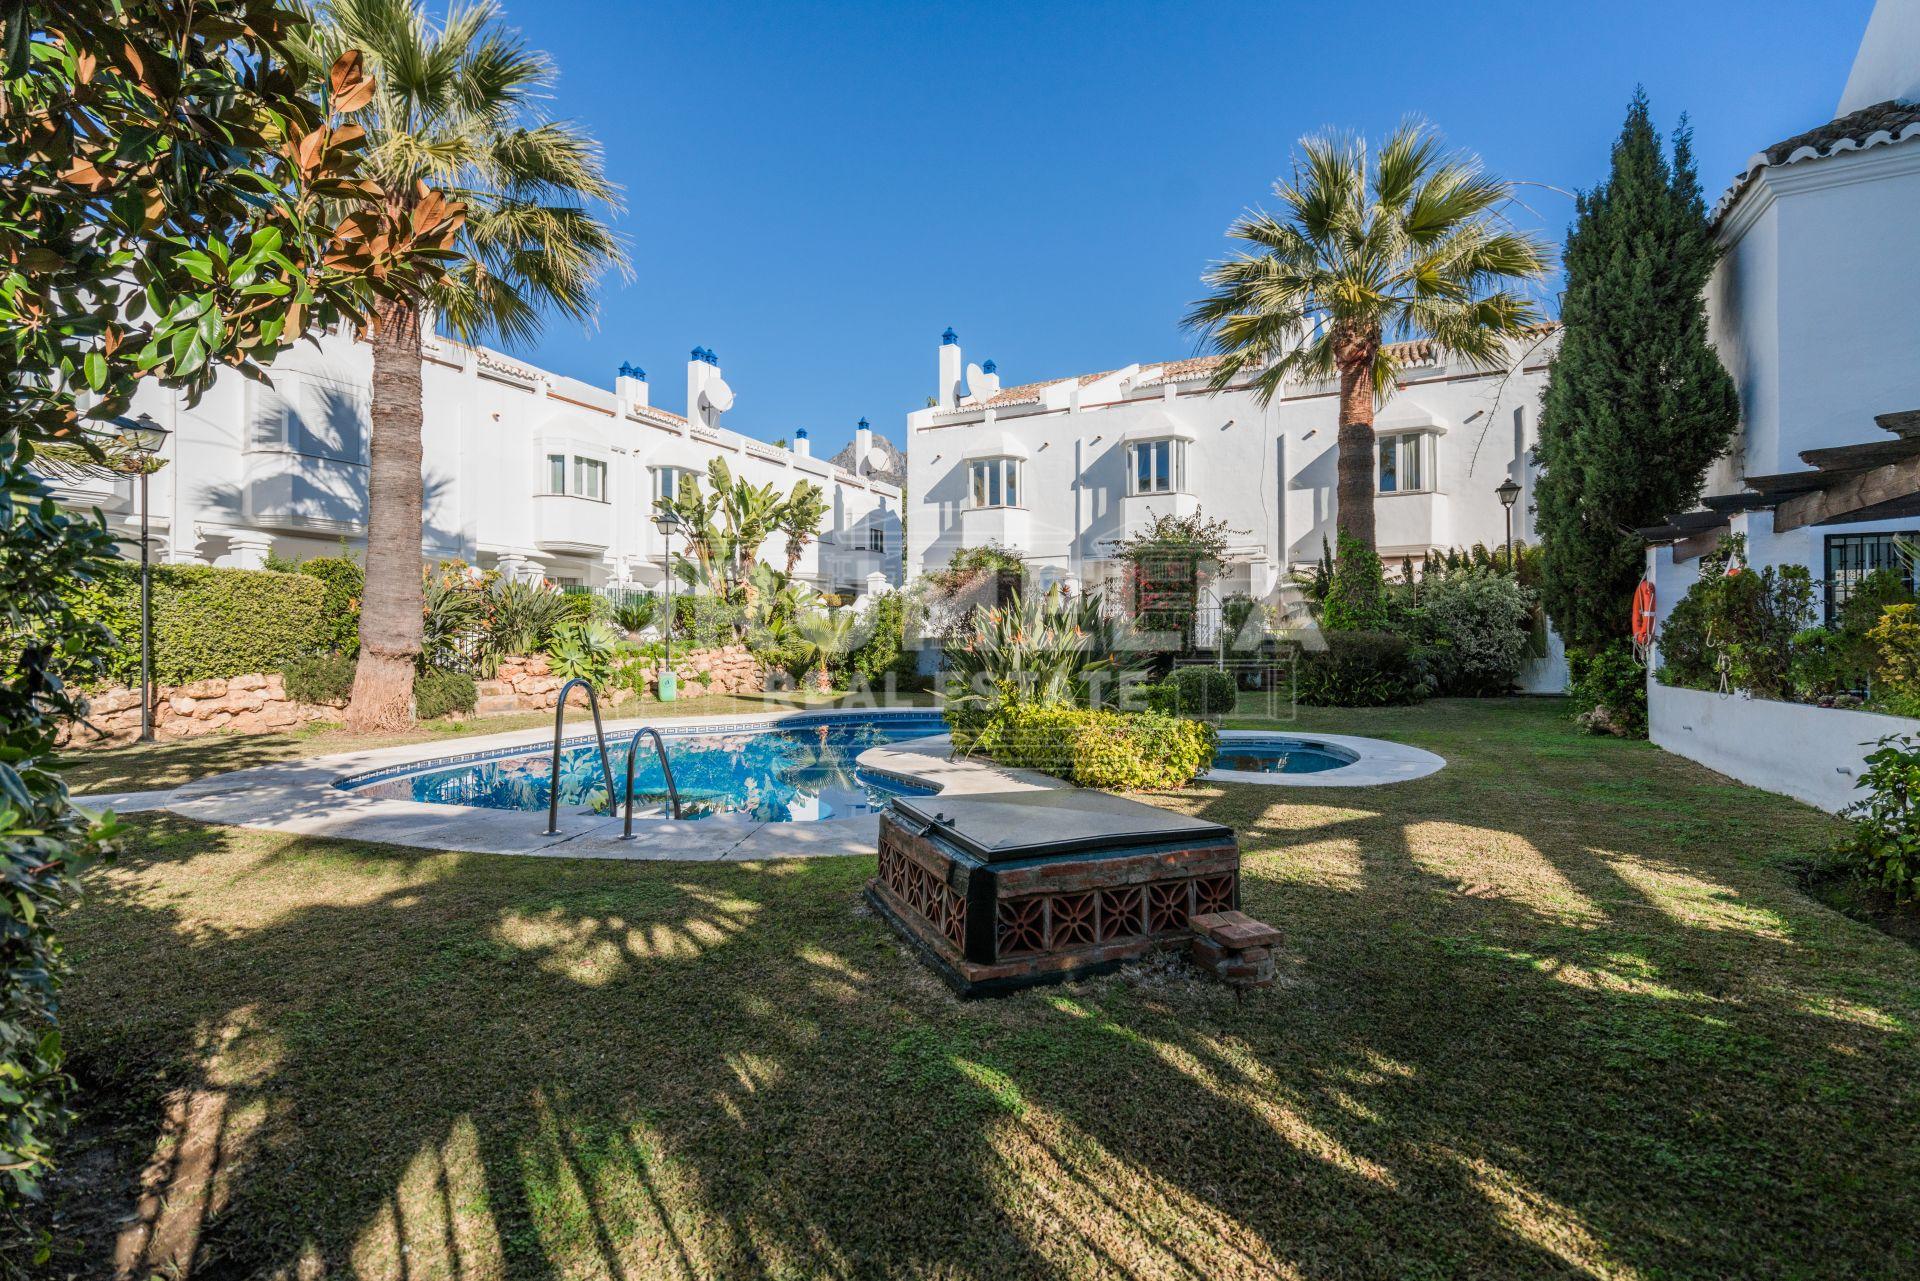 Casa en arco iris marbella golden mile - Hostal casa arco iris ...